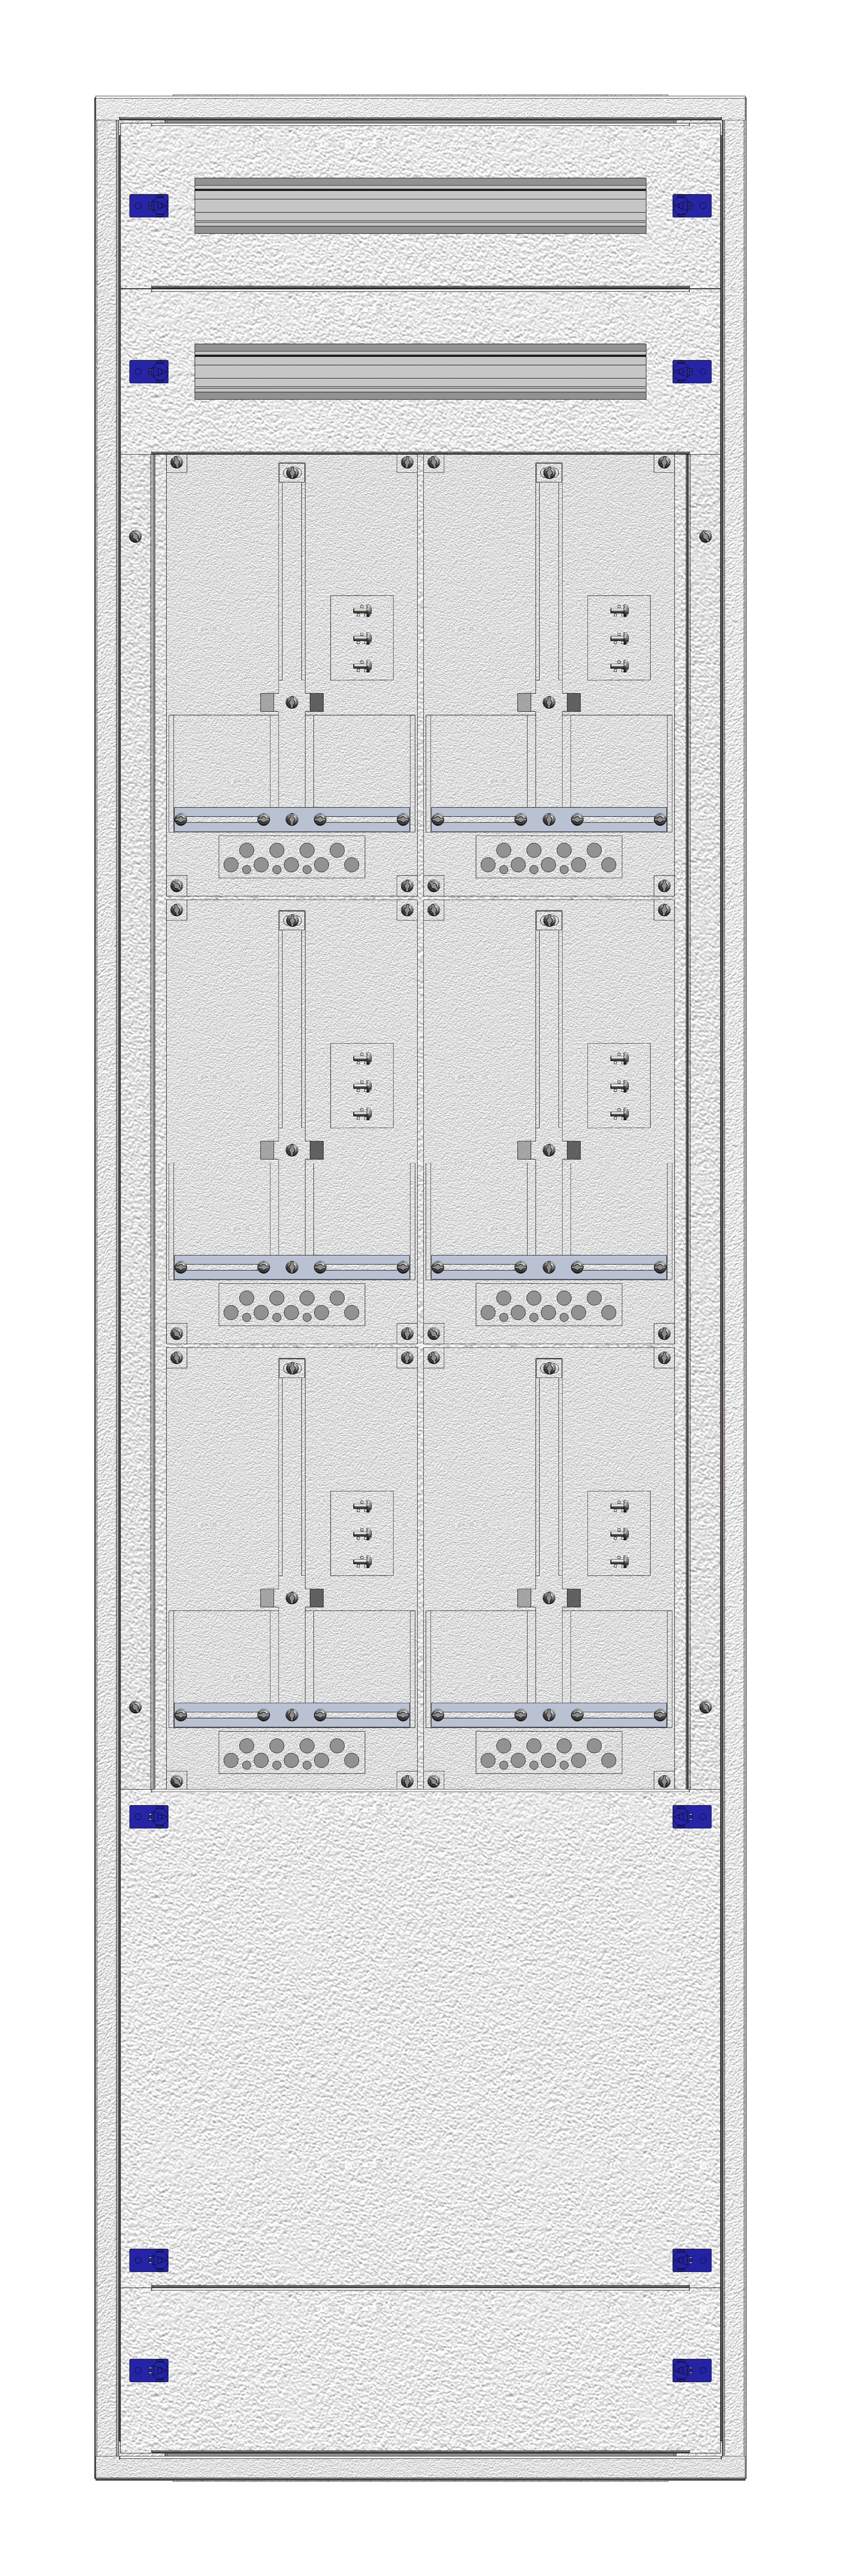 1 Stk Aufputz-Zählerverteiler 2A-42M/WIEN 6ZP, H2025B590T250mm IL168242WS